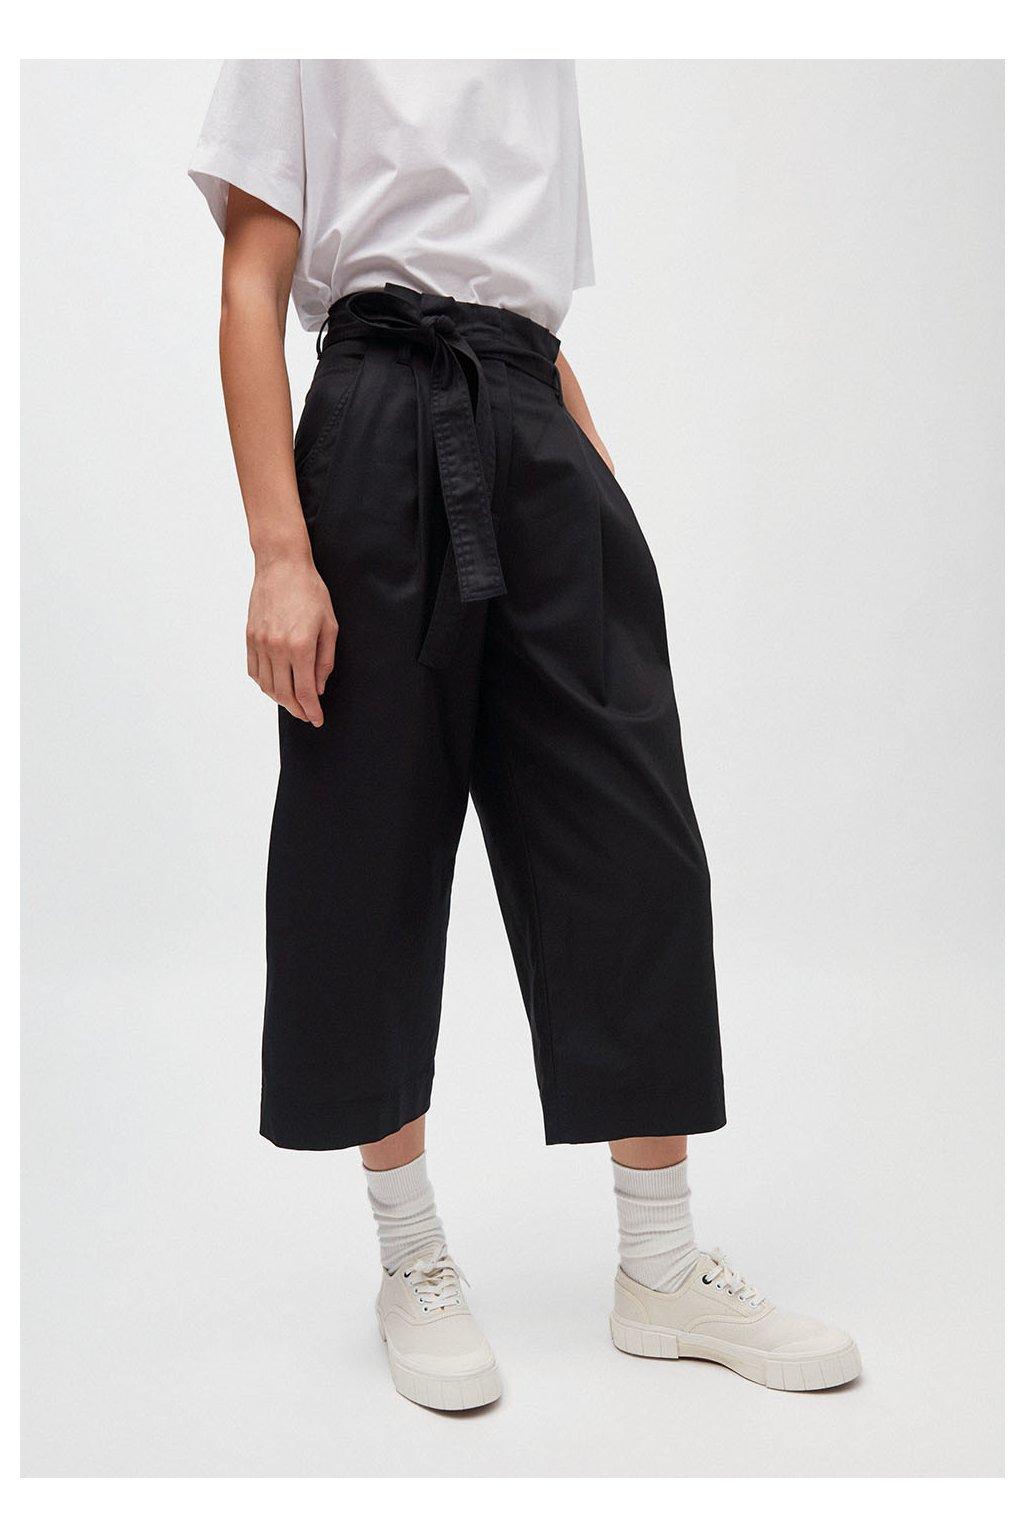 """Dámské černé culotte kalhoty """"VIOLETTAA black"""" (Velikost L)"""